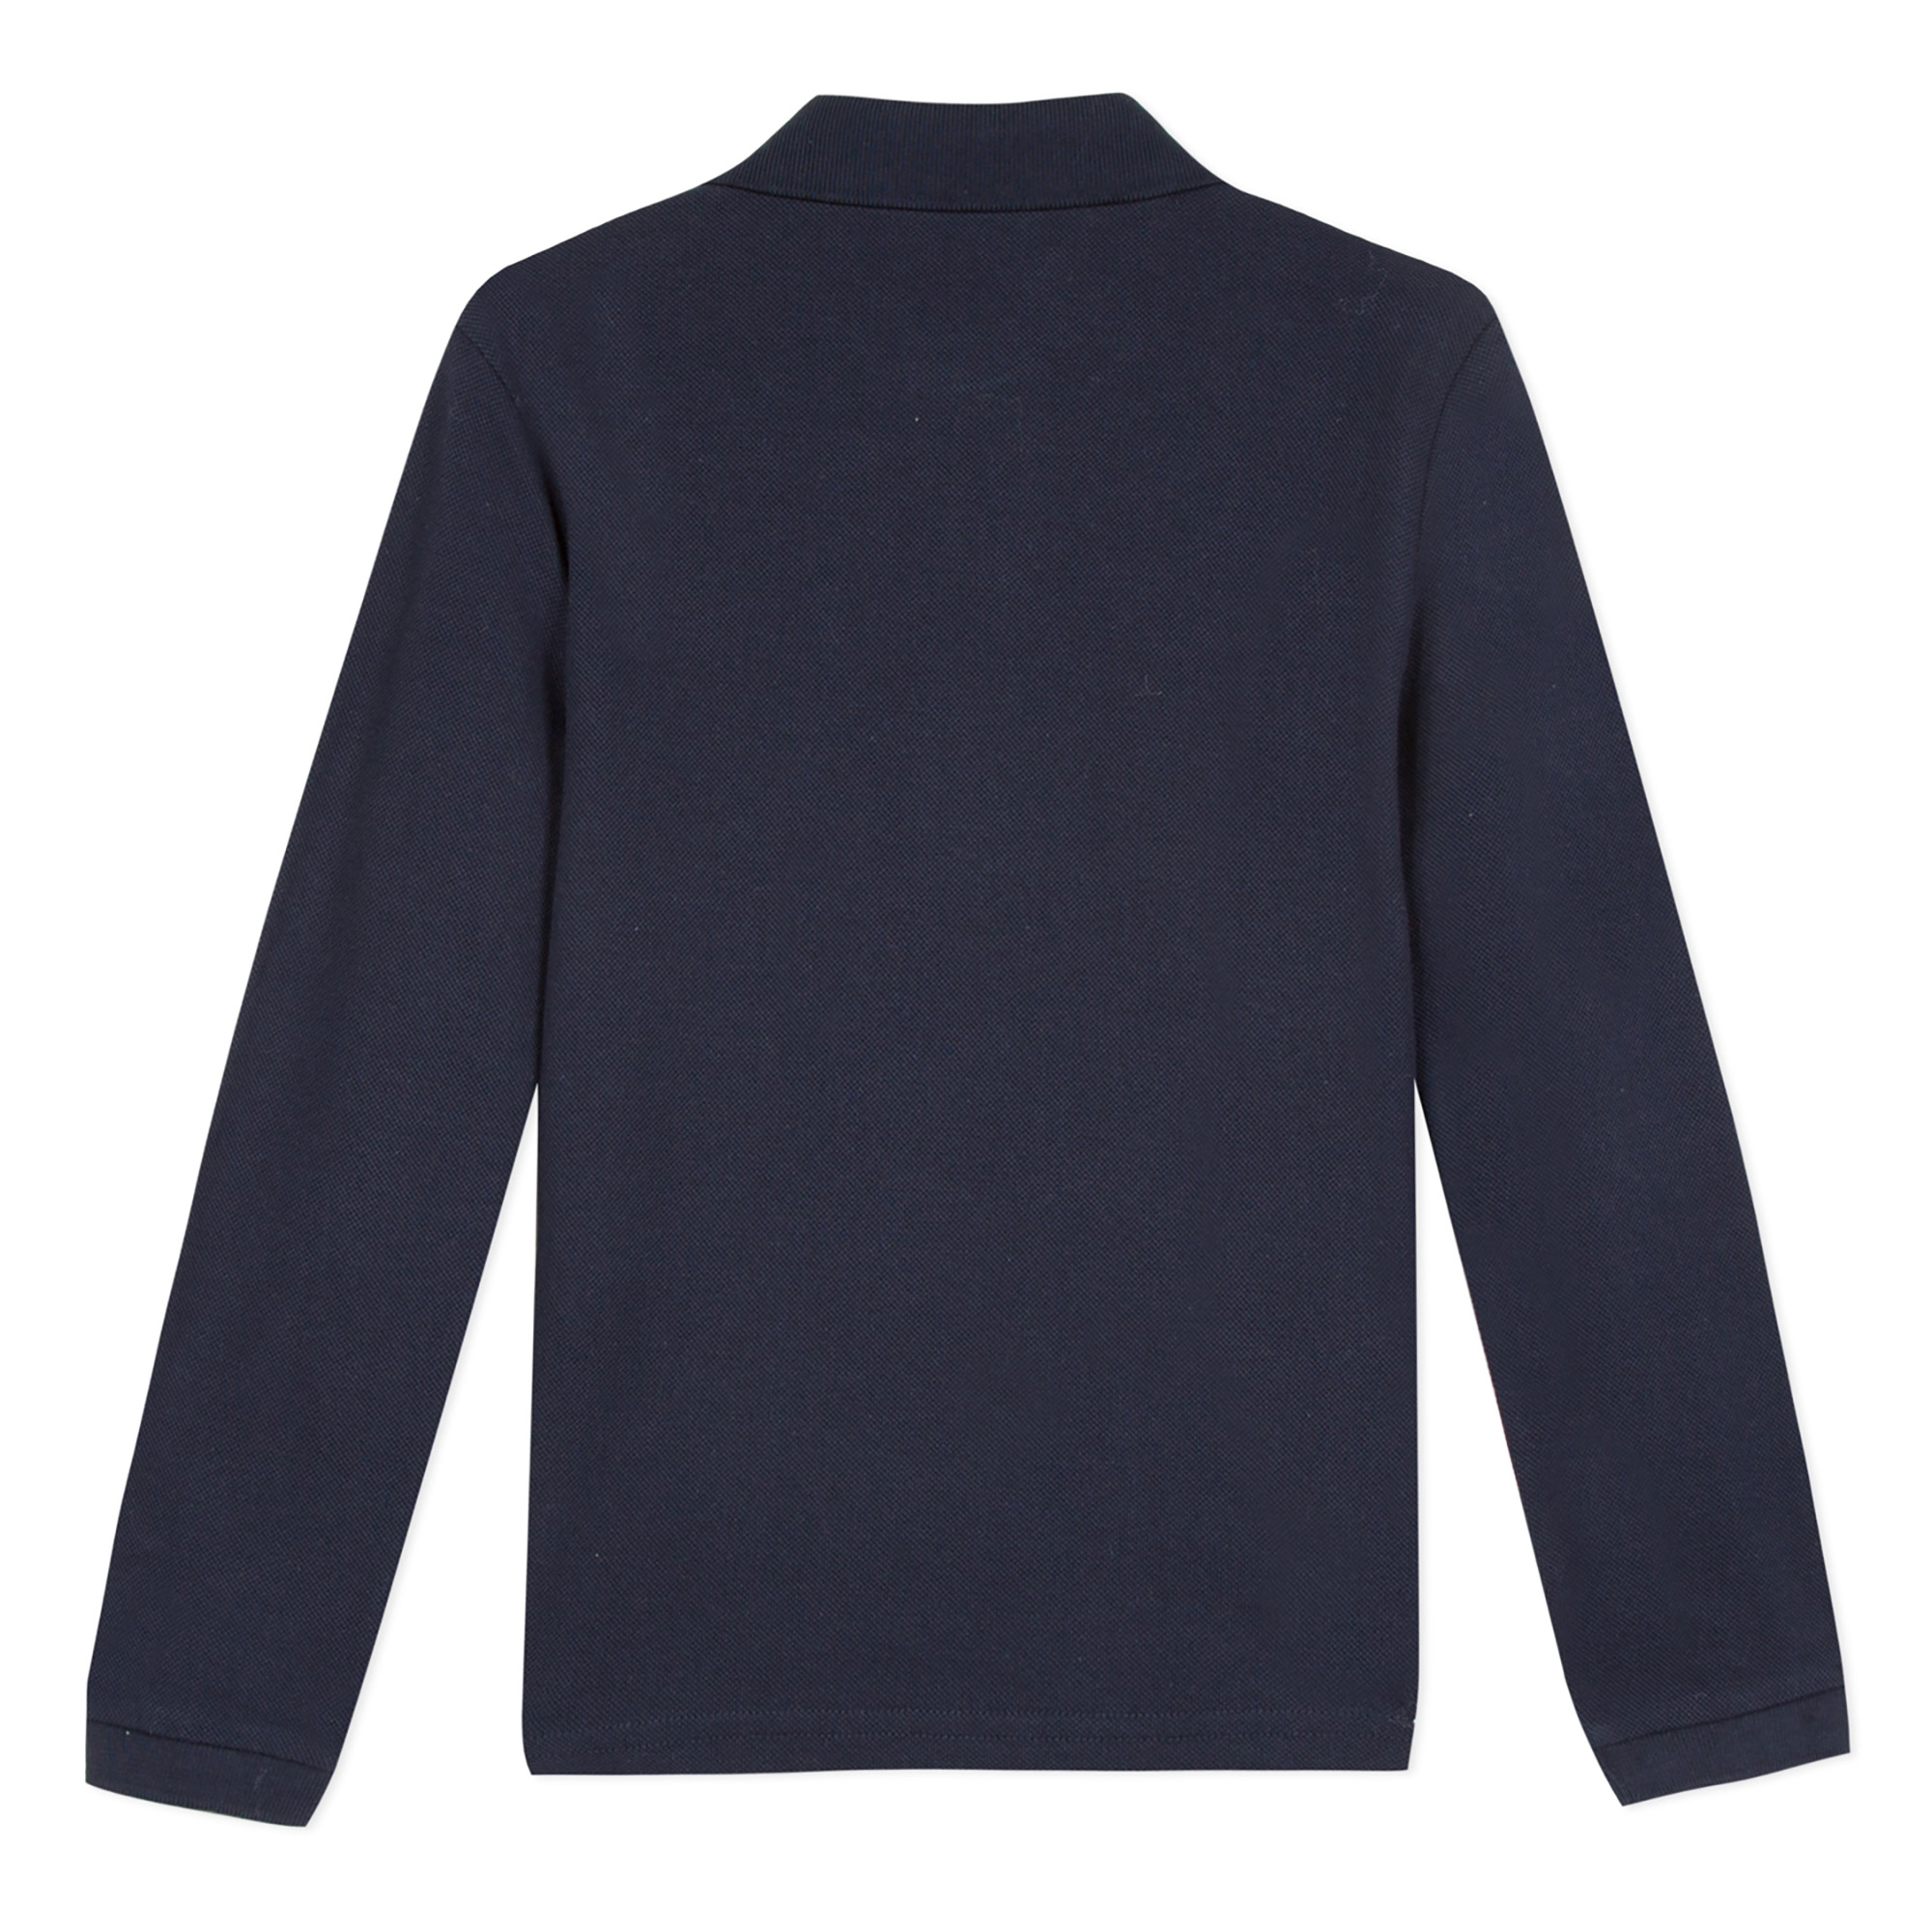 Cotton piqué knit polo shirt PAUL SMITH JUNIOR for BOY